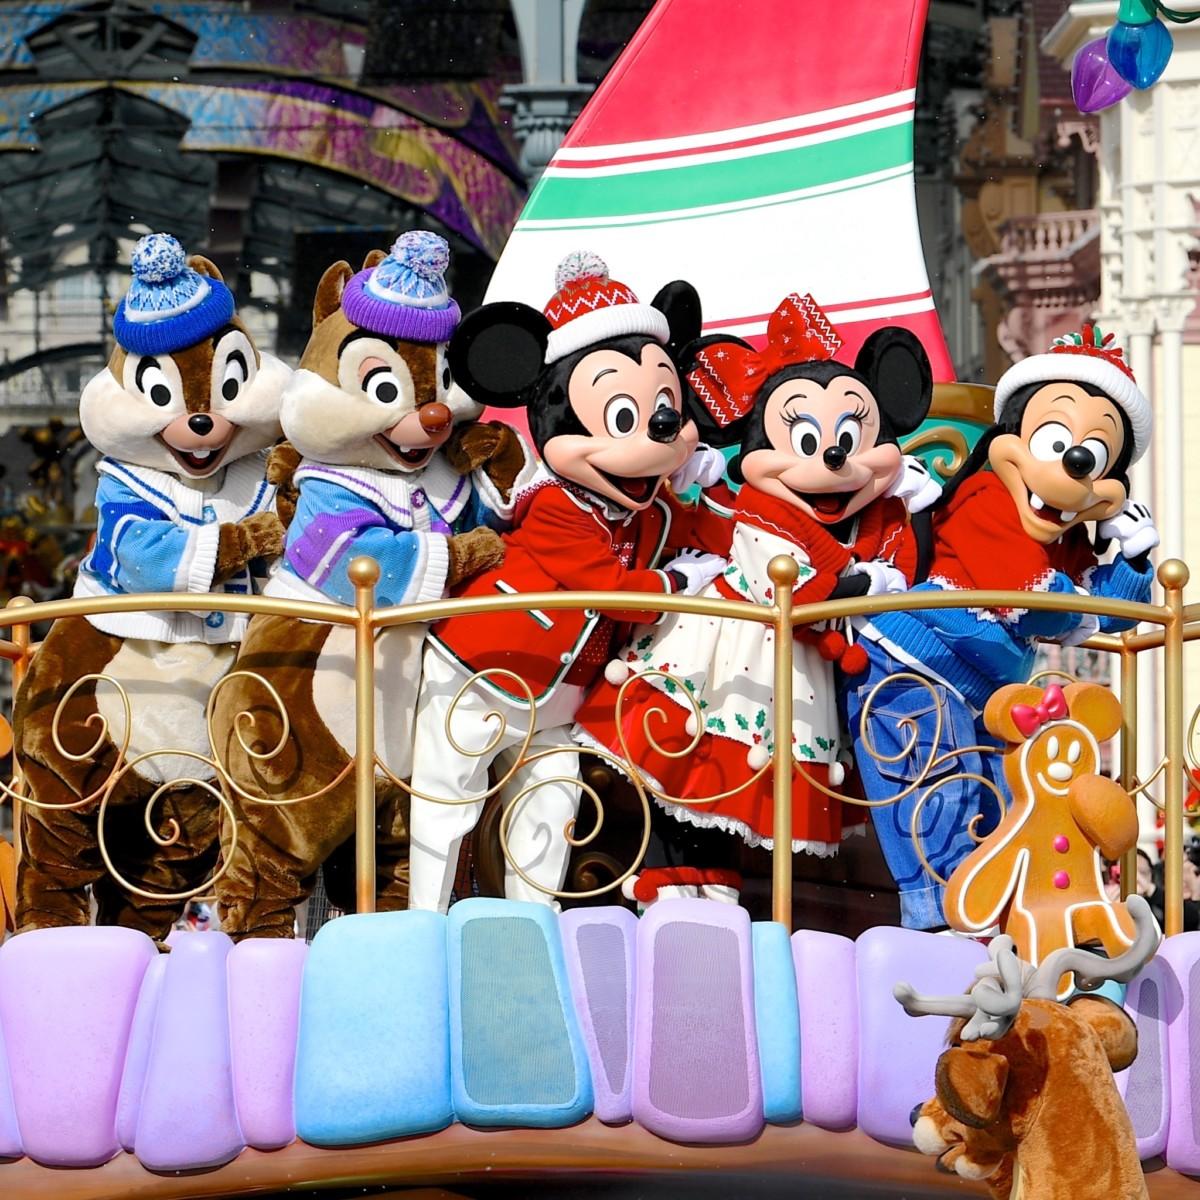 東京ディズニーランド「ディズニー・クリスマス2019」